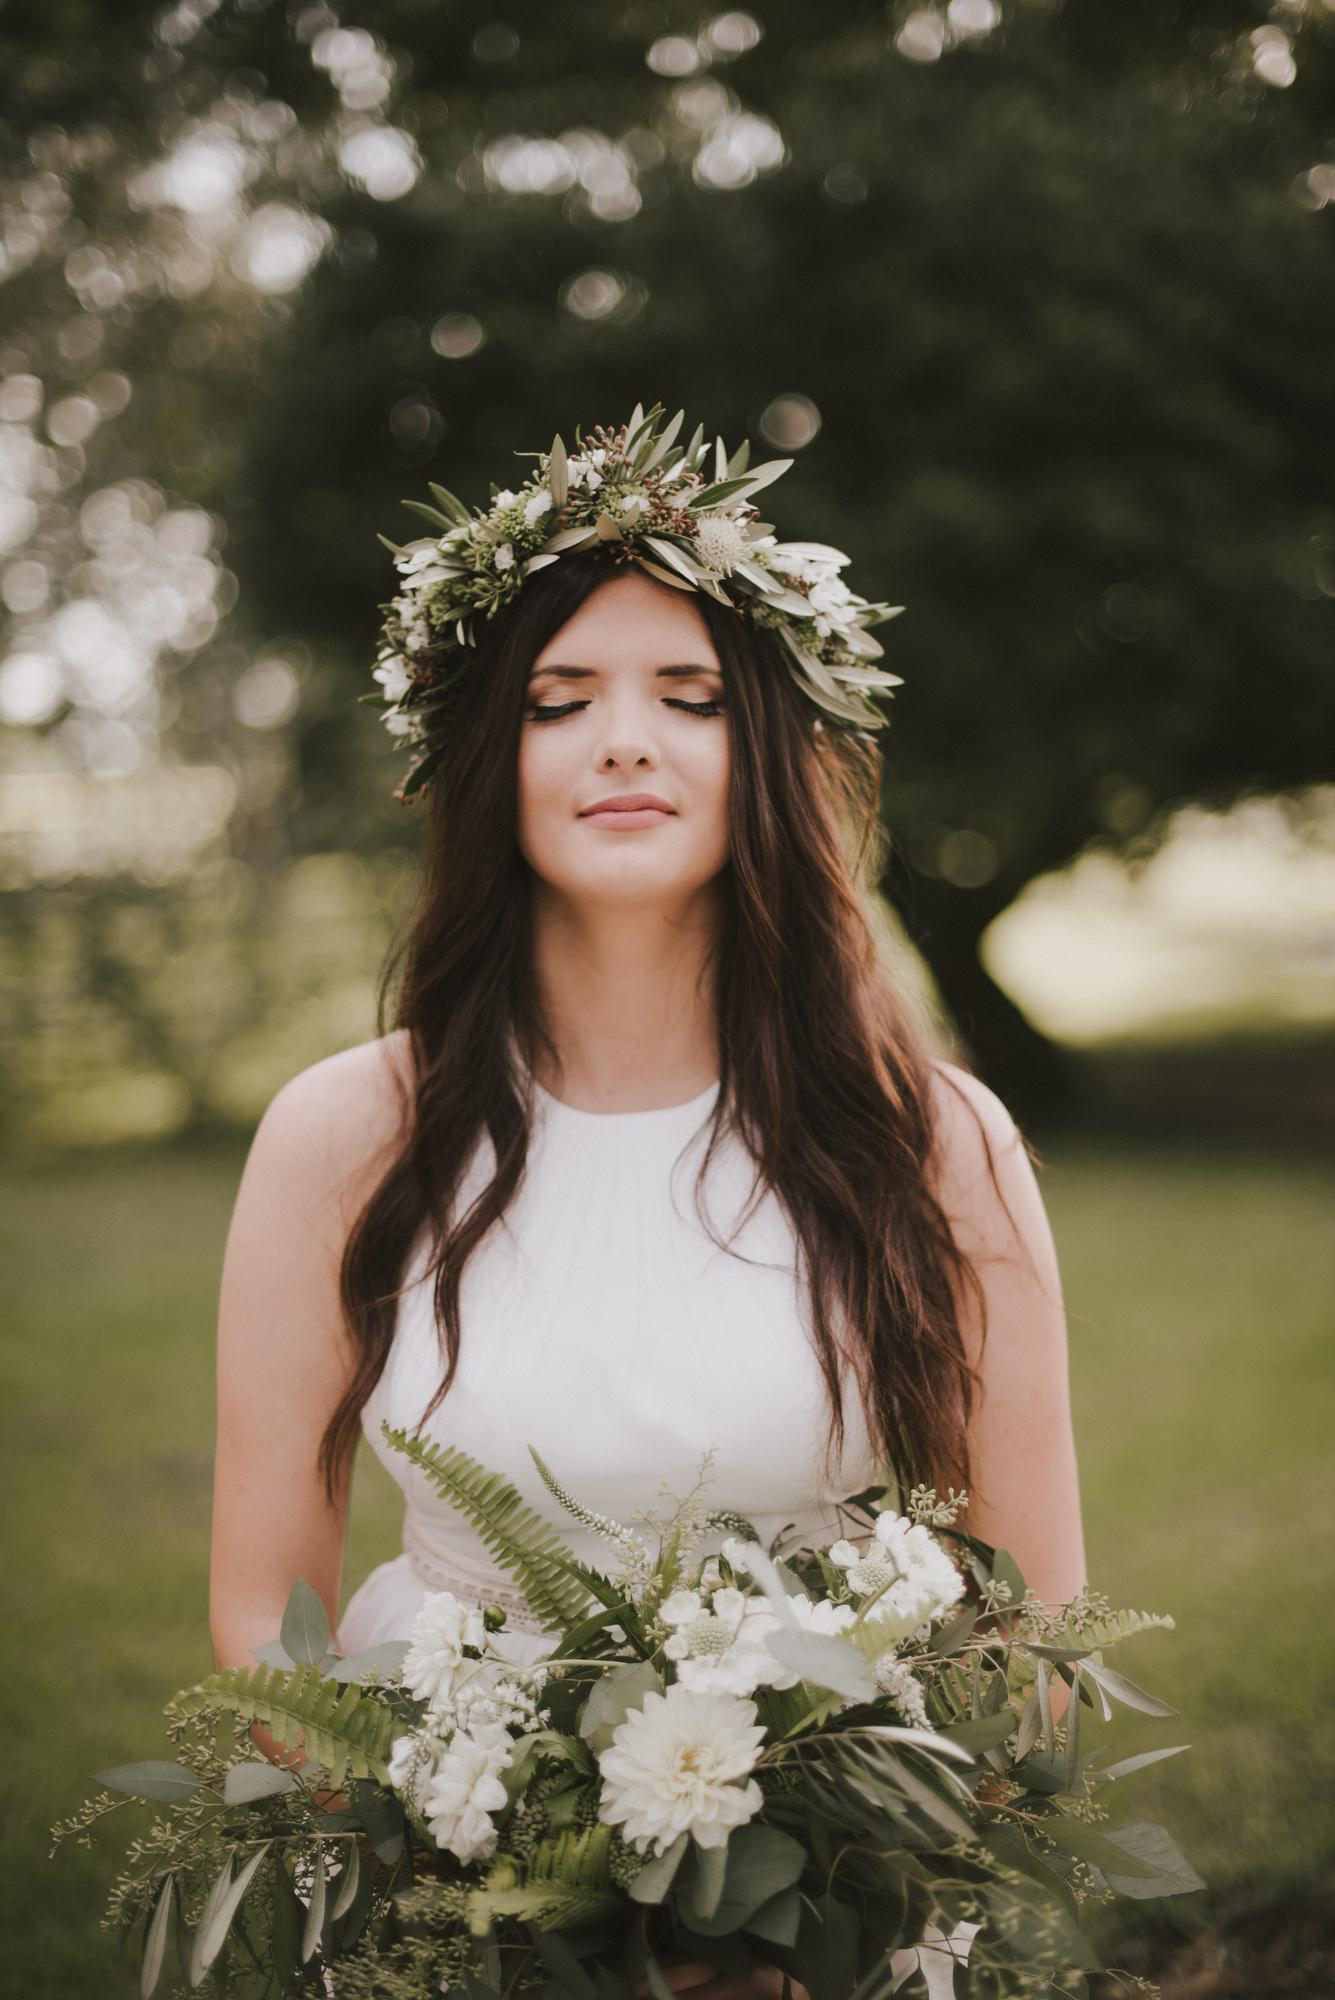 ofRen_weddingphotography067.JPG